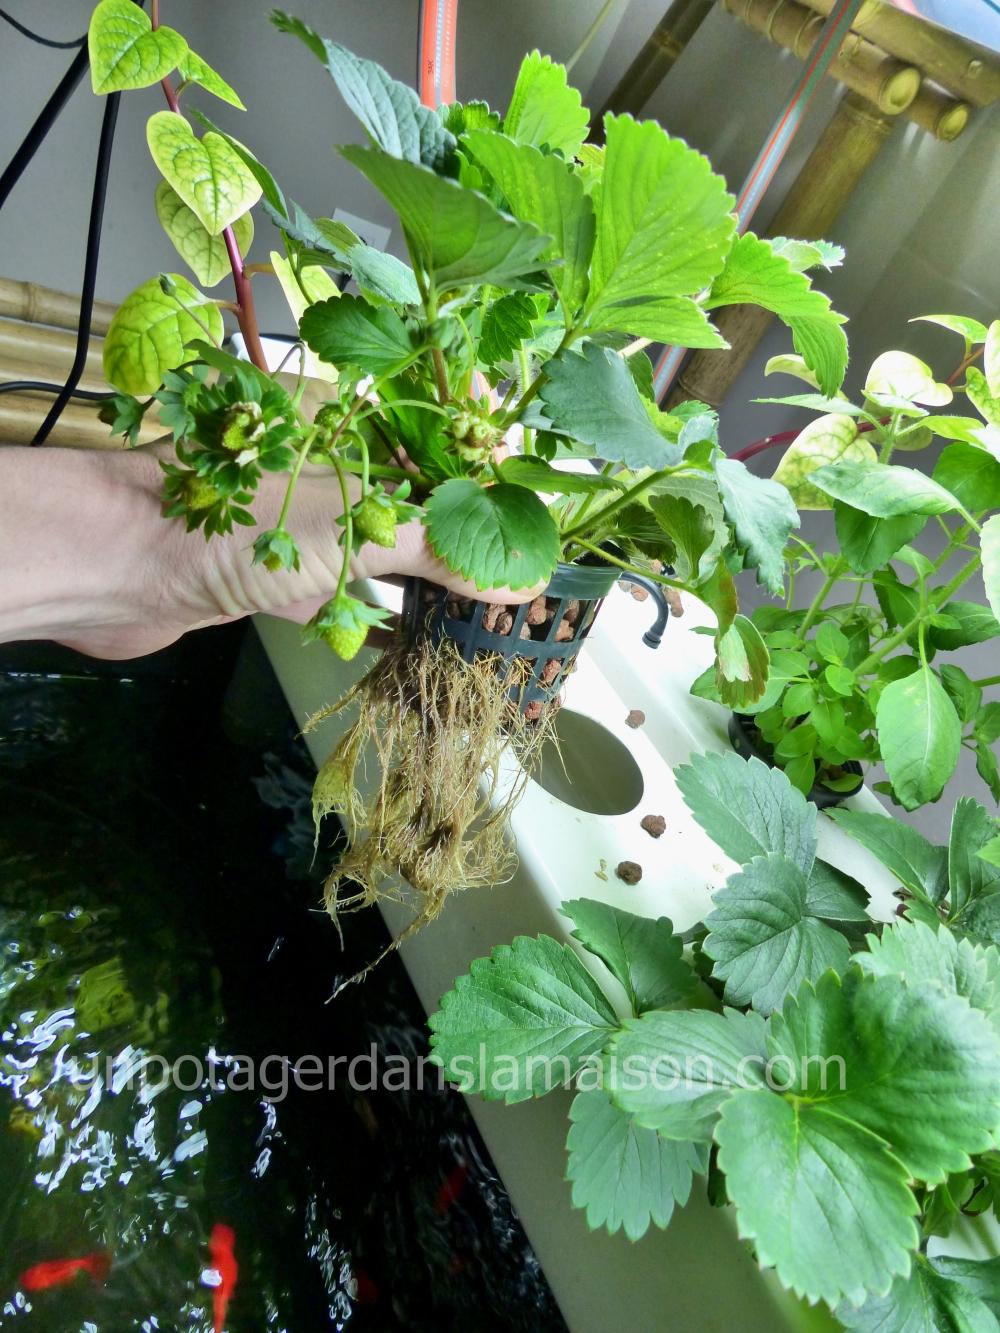 Les racines des plantes baignent dans une eau qui circule en permanence